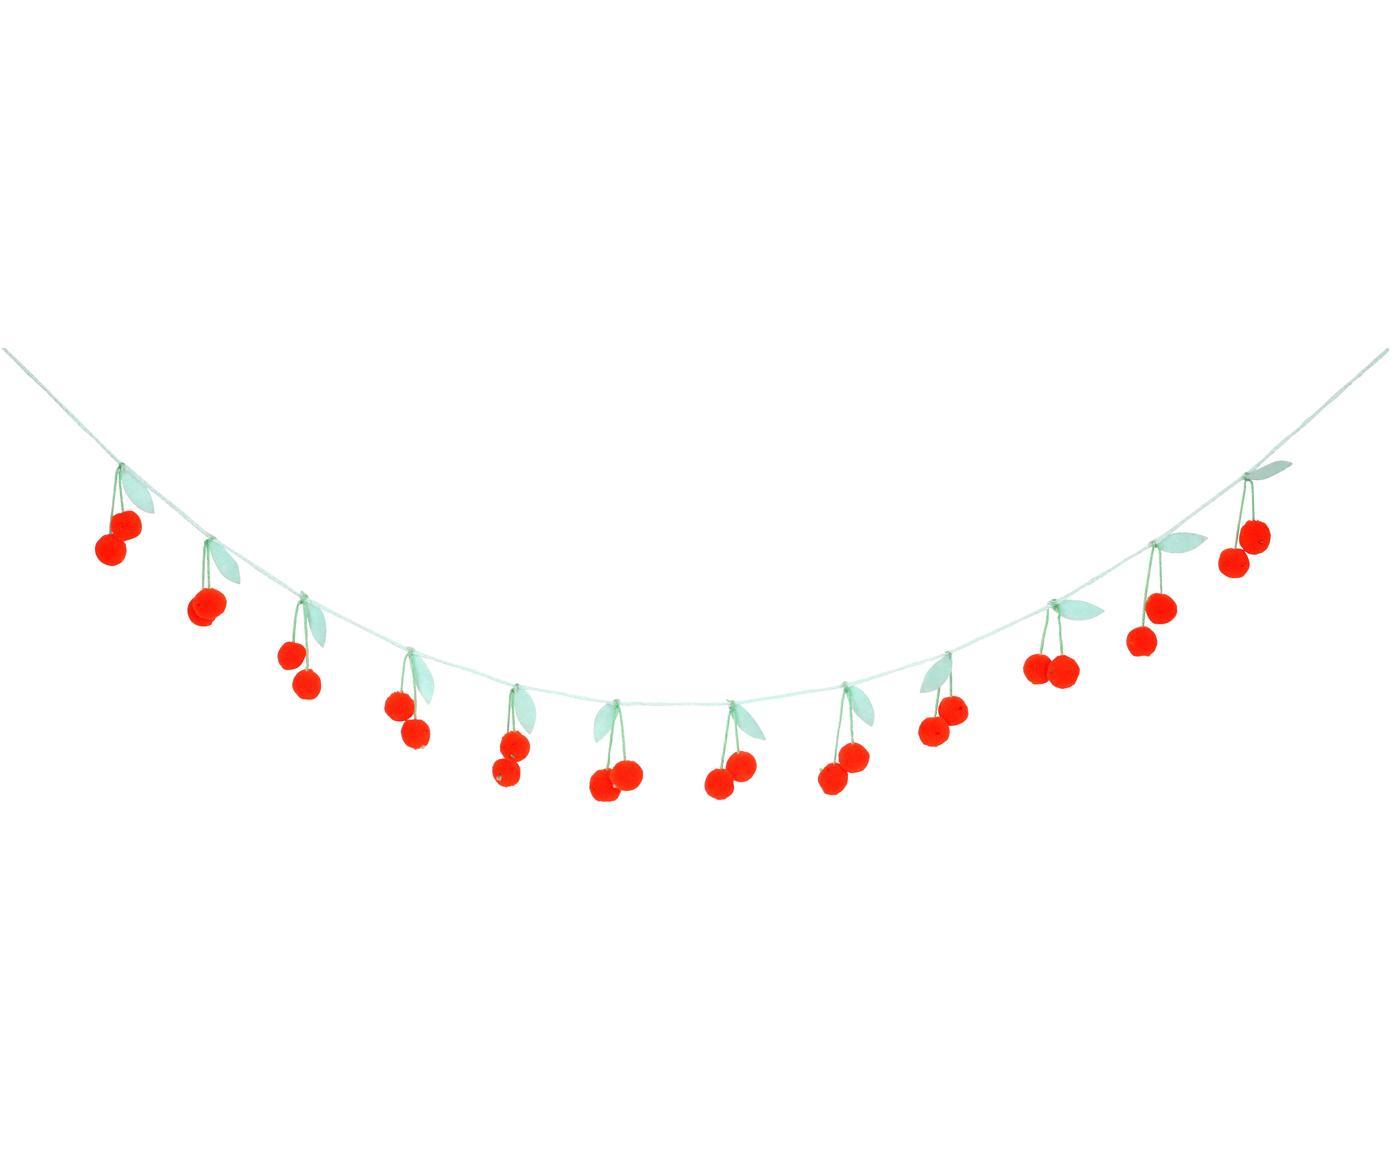 Girlanda z bawełny organicznej Cherry, 200 cm, Bawełna organiczna, Czerwony, zielony, Długość: 200 cm